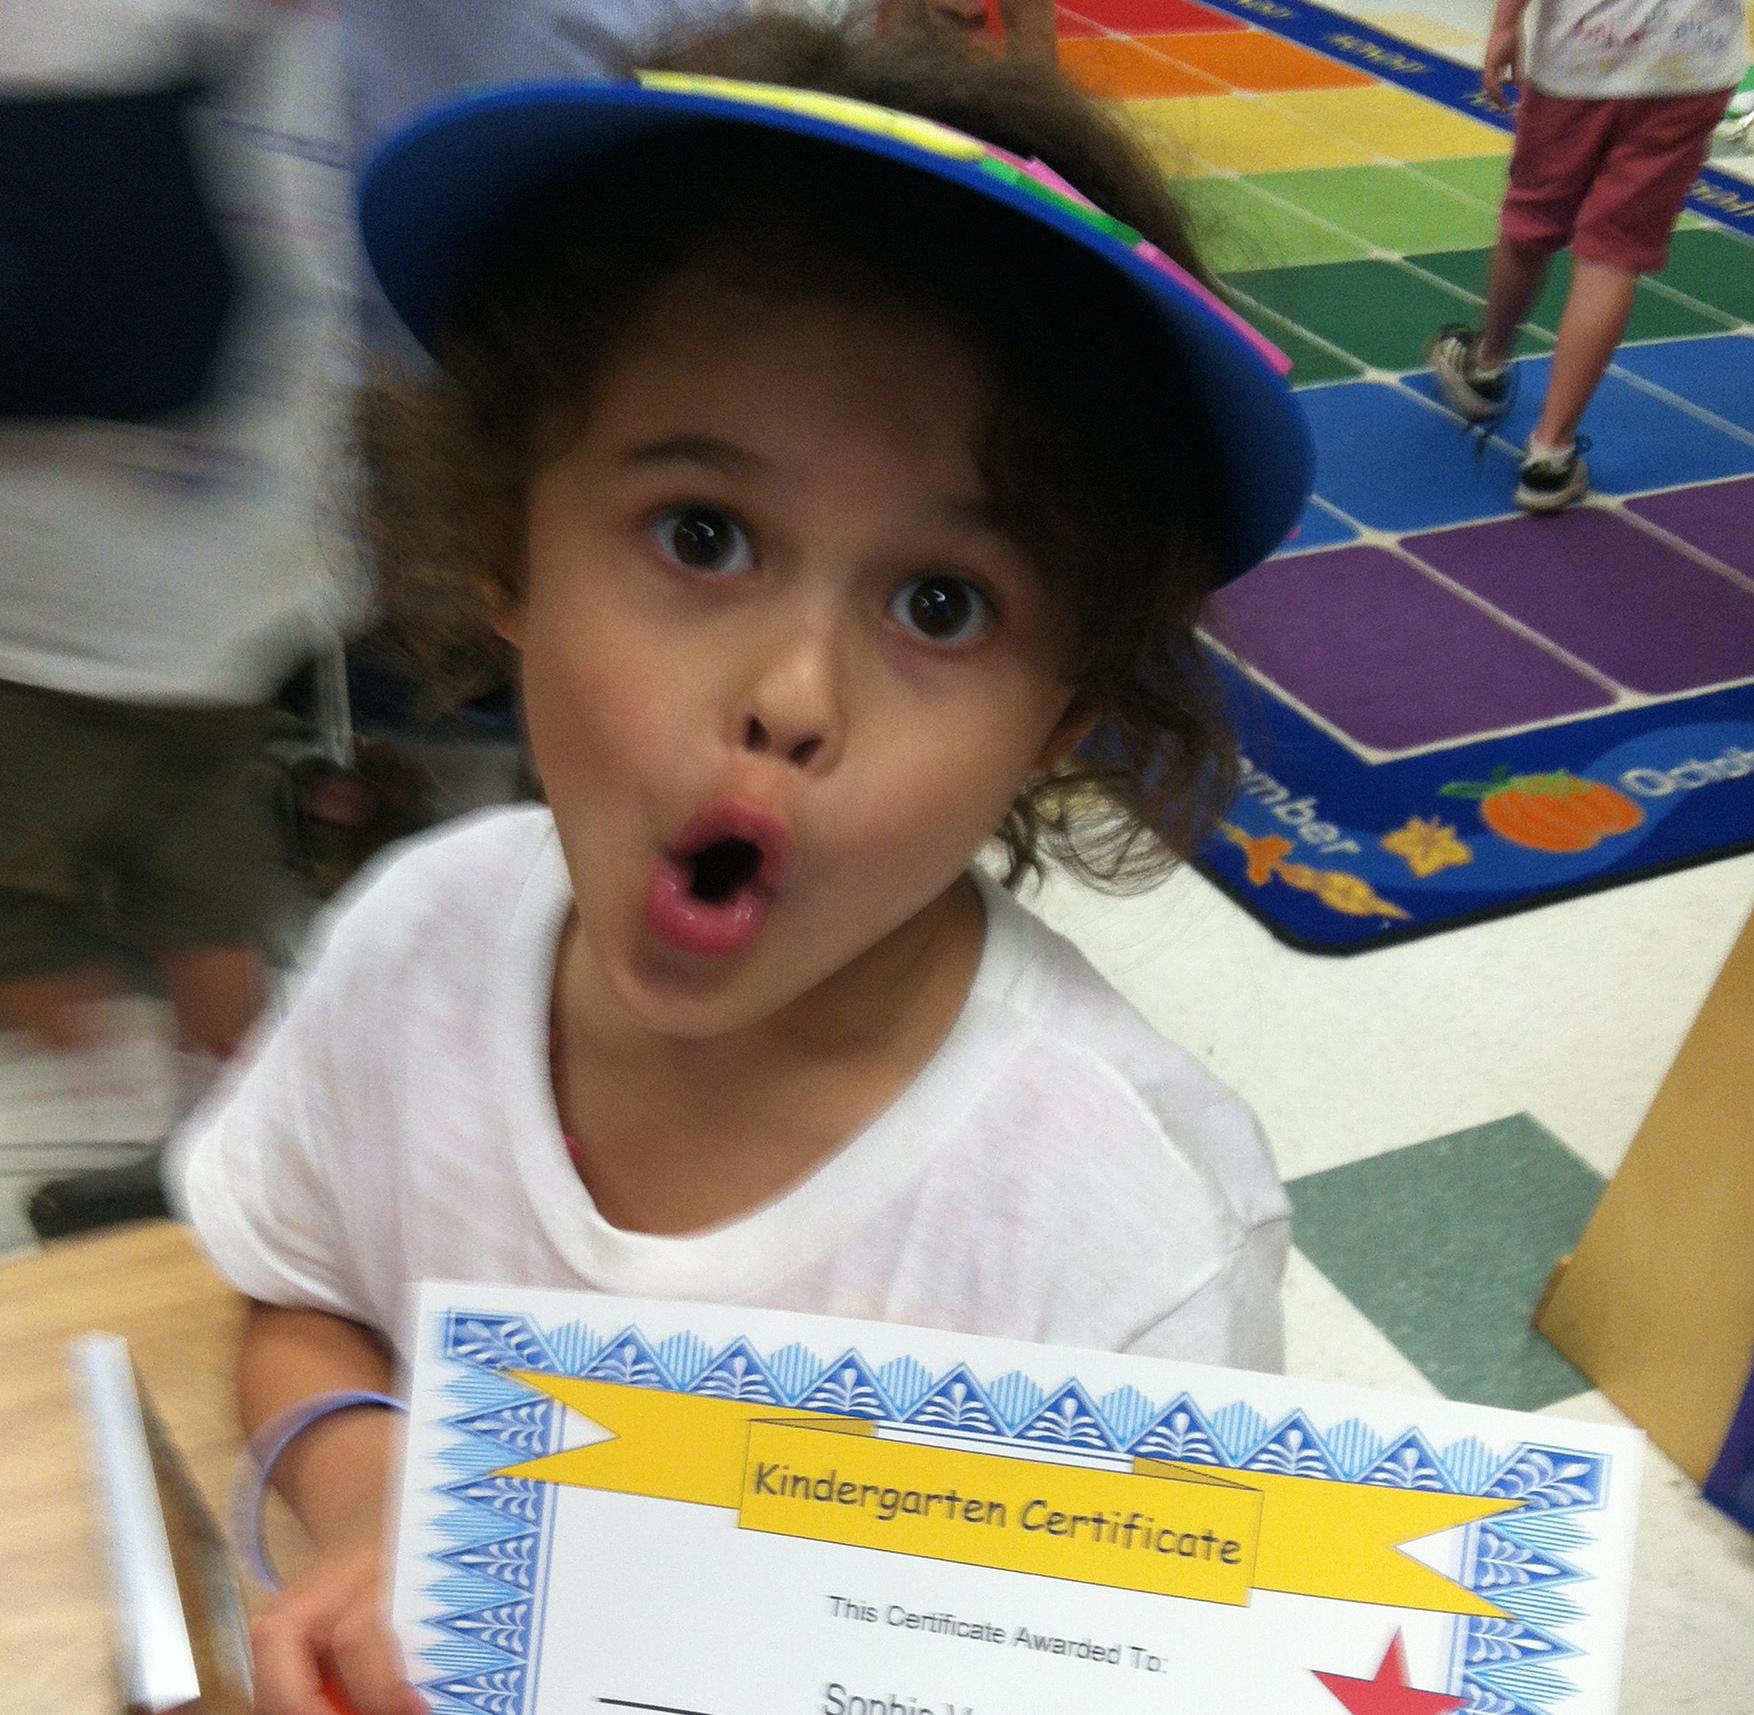 5 Ways To Celebrate Preschool Or Kindergarten Graduation